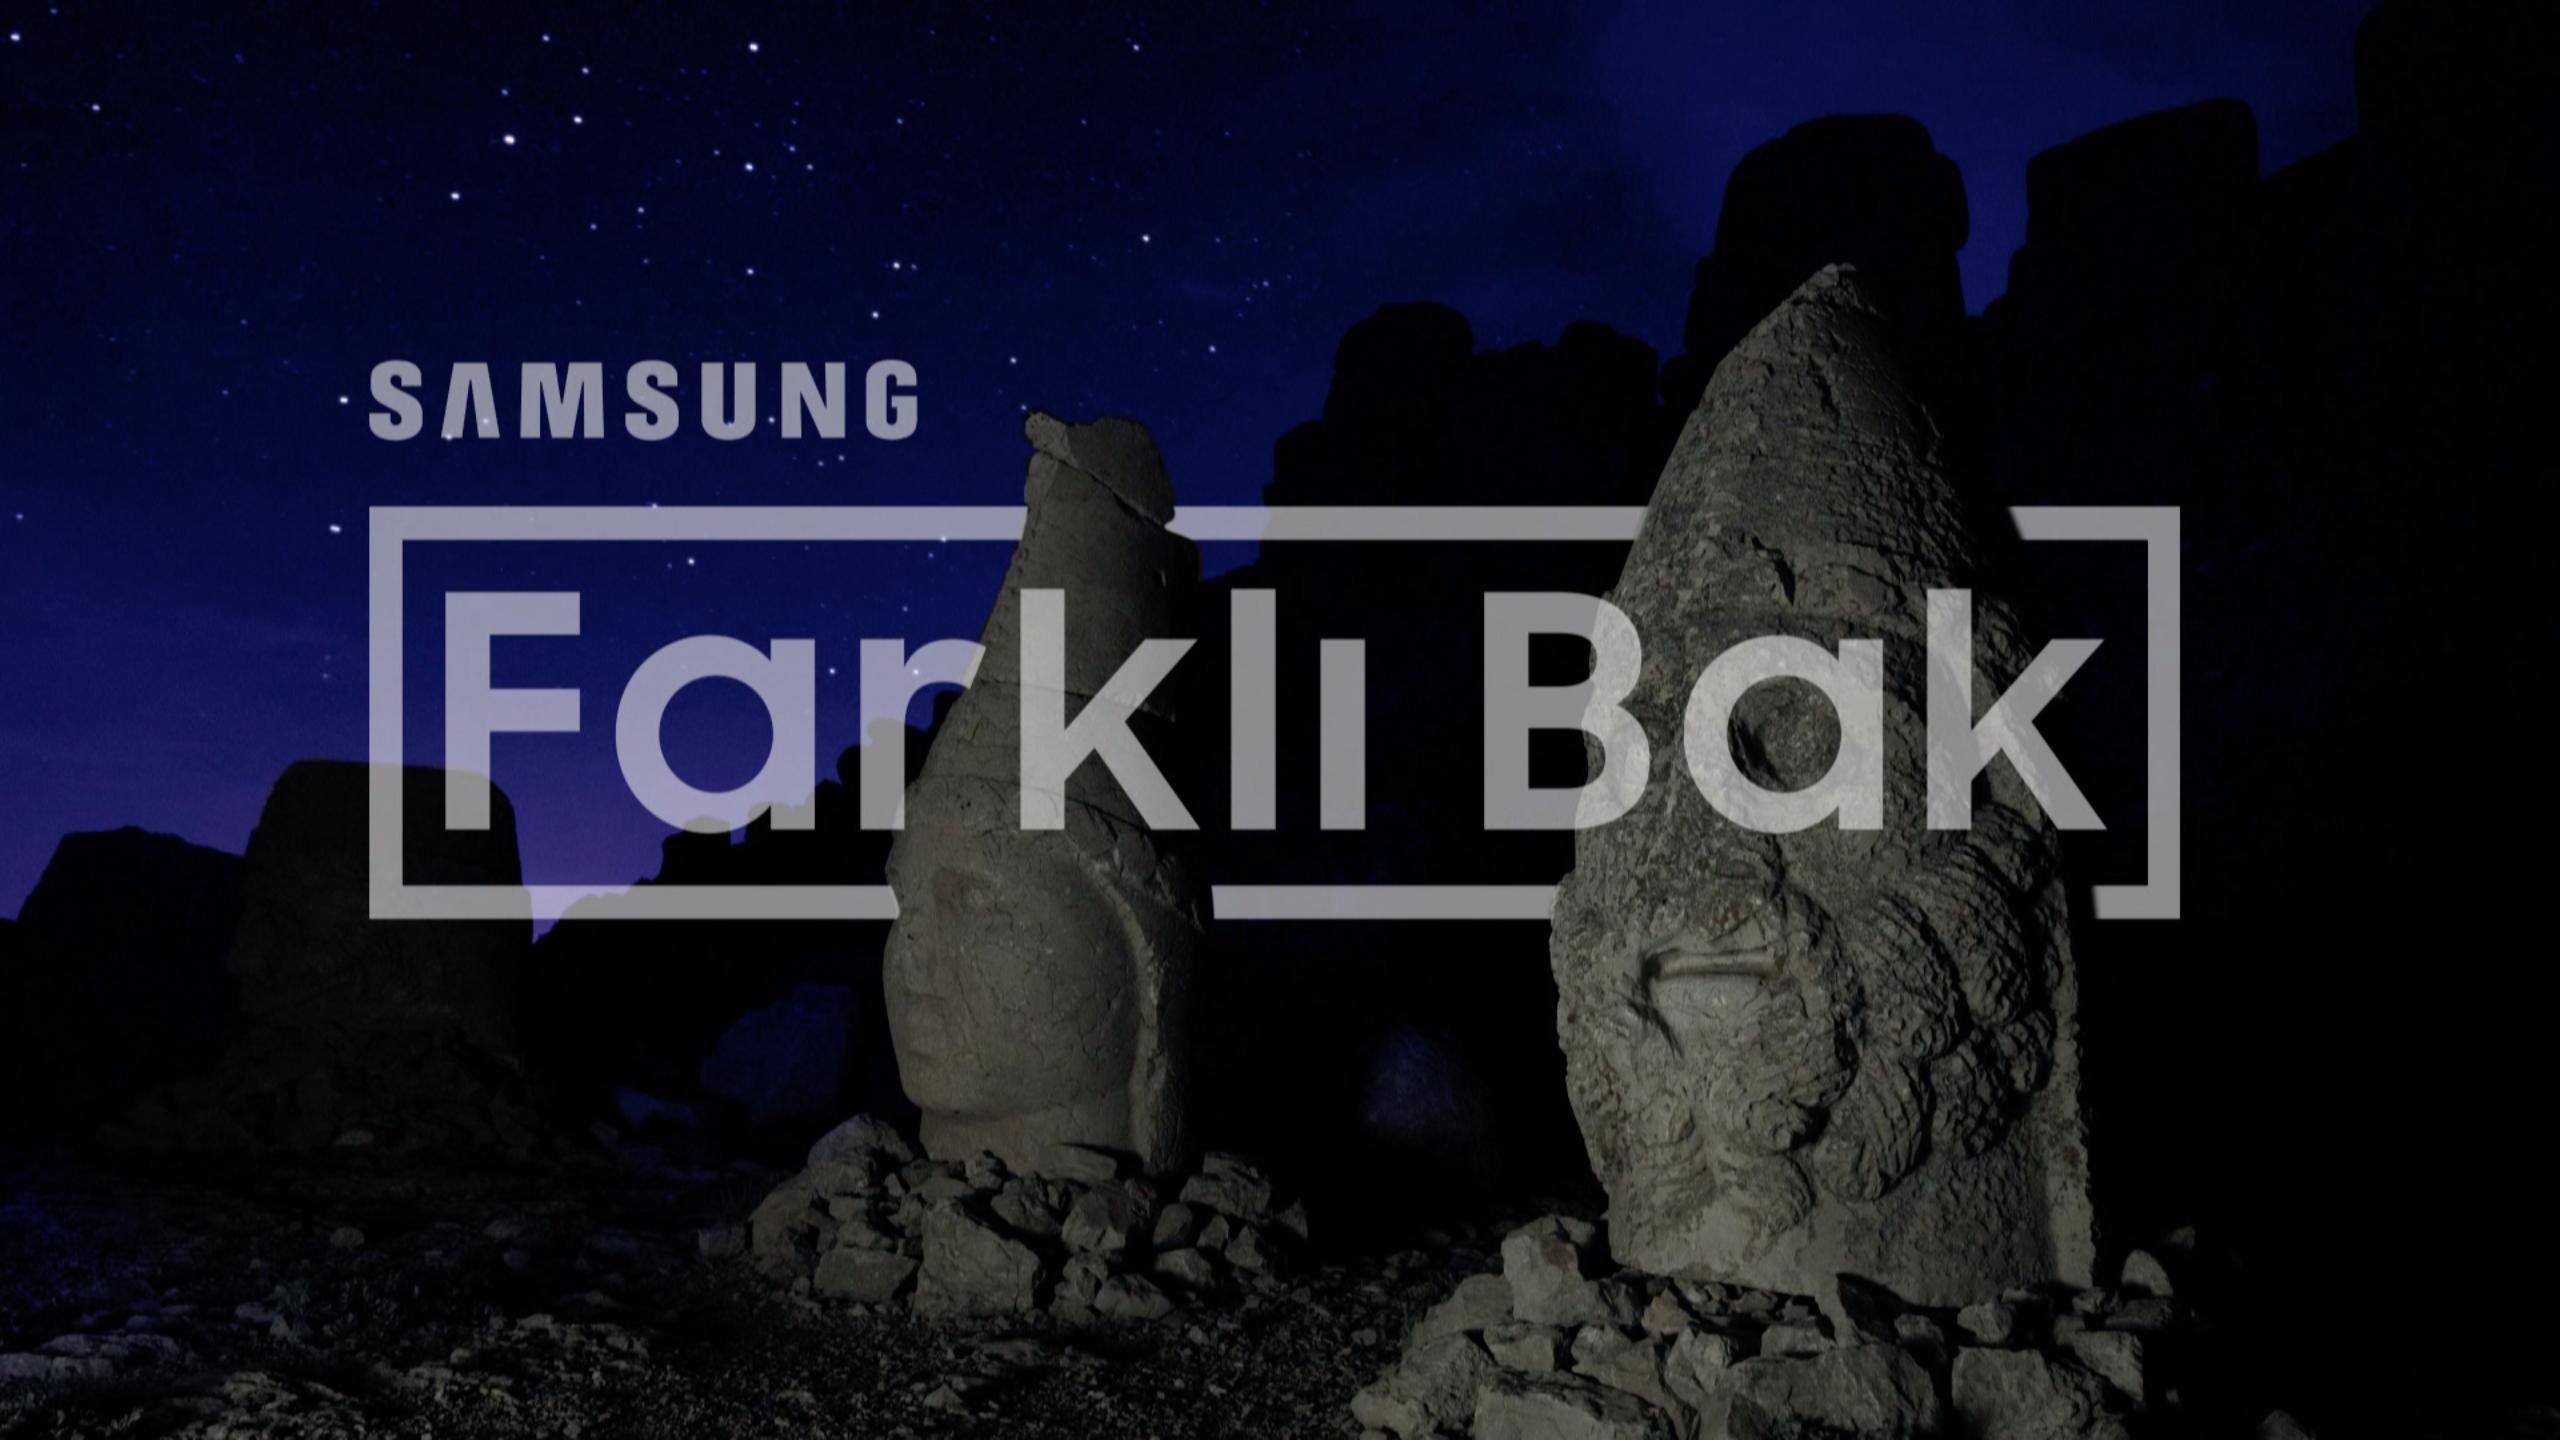 """Samsung, Galaxy A Serisi ile """"Farklı Bak"""" diyor"""